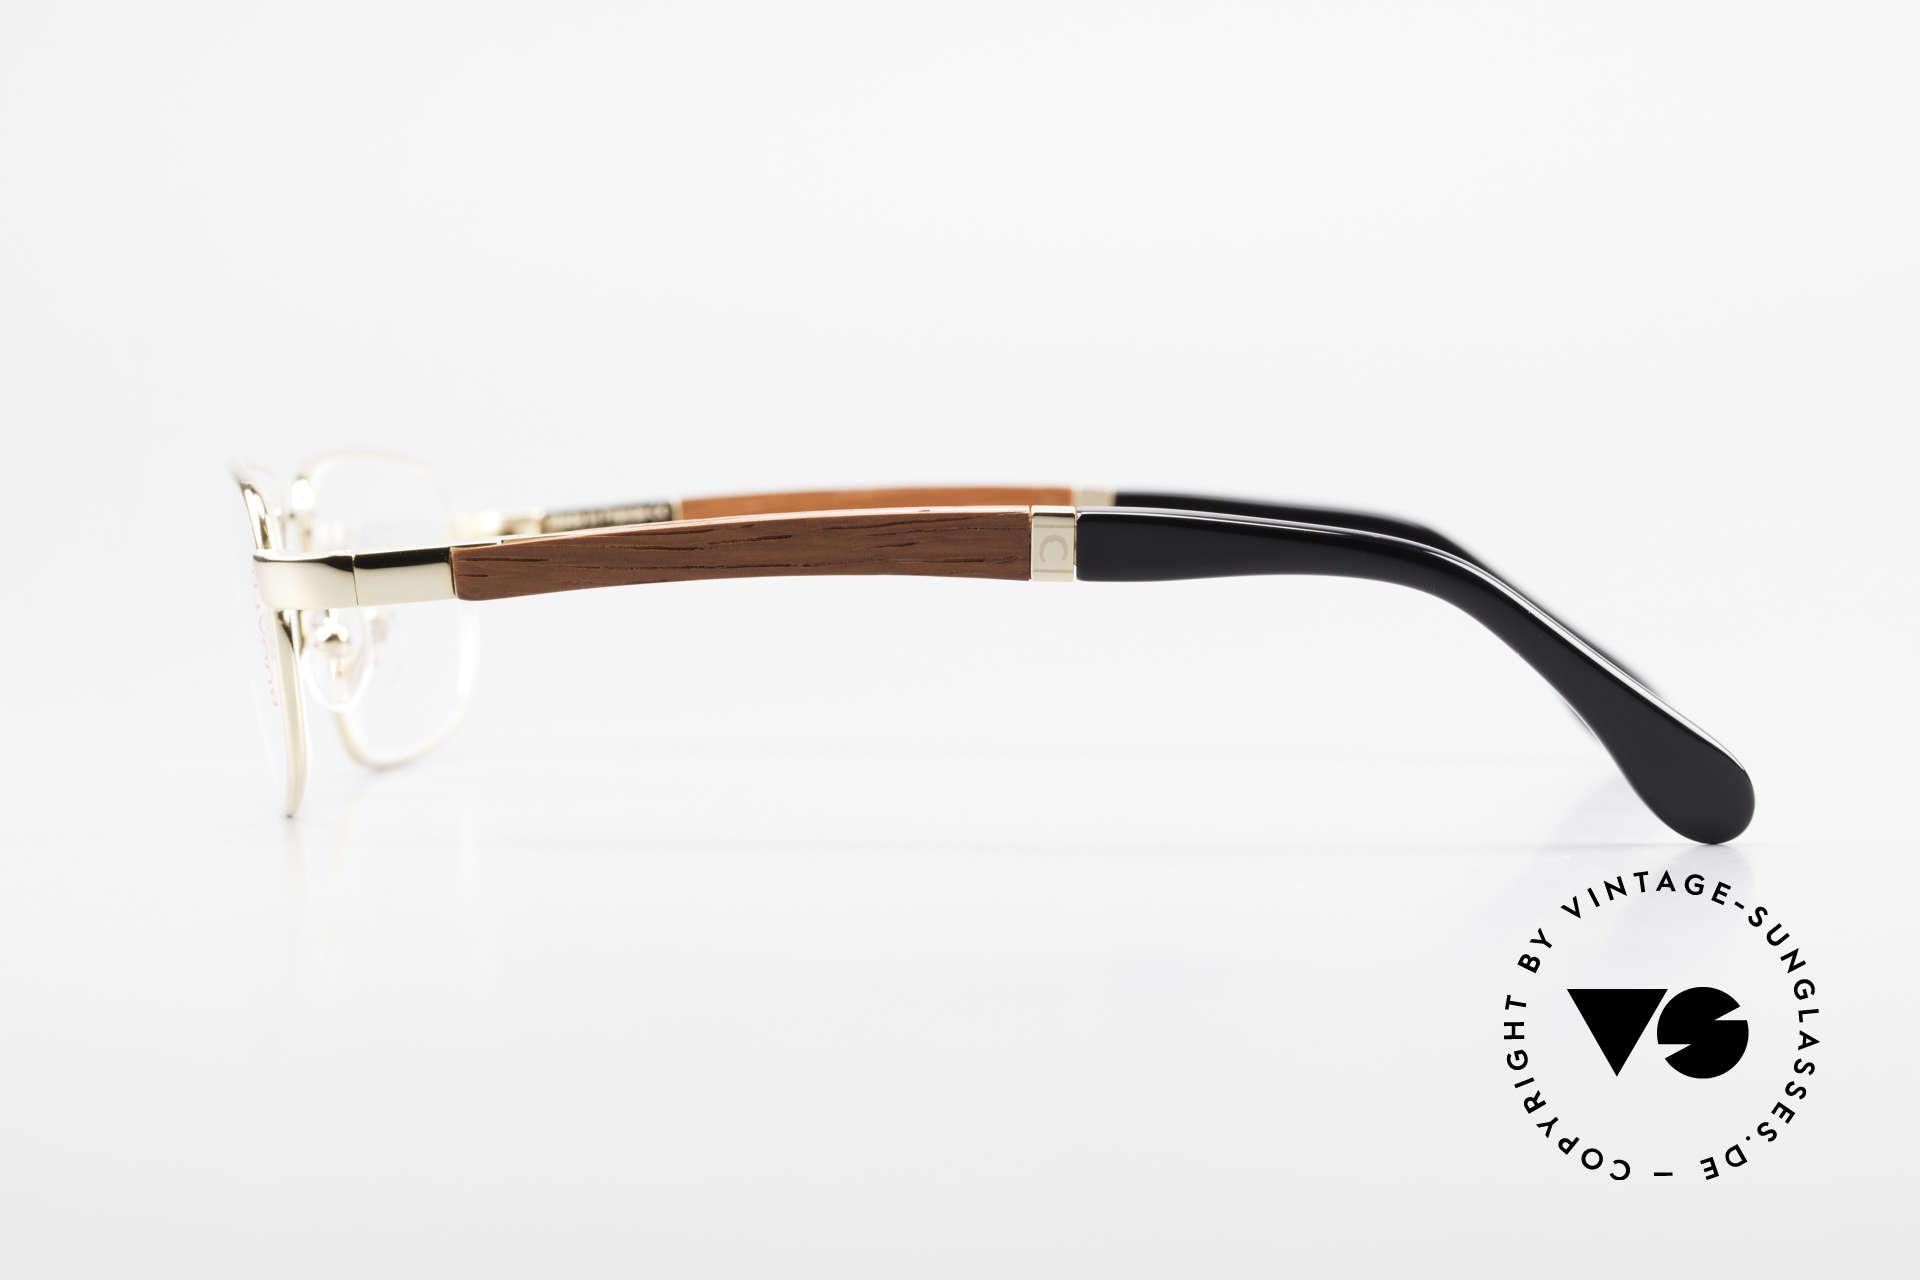 Bugatti 549 Padouk Edelholz 22kt Gold, flexible Federscharniere für eine optimale Passform, Passend für Herren